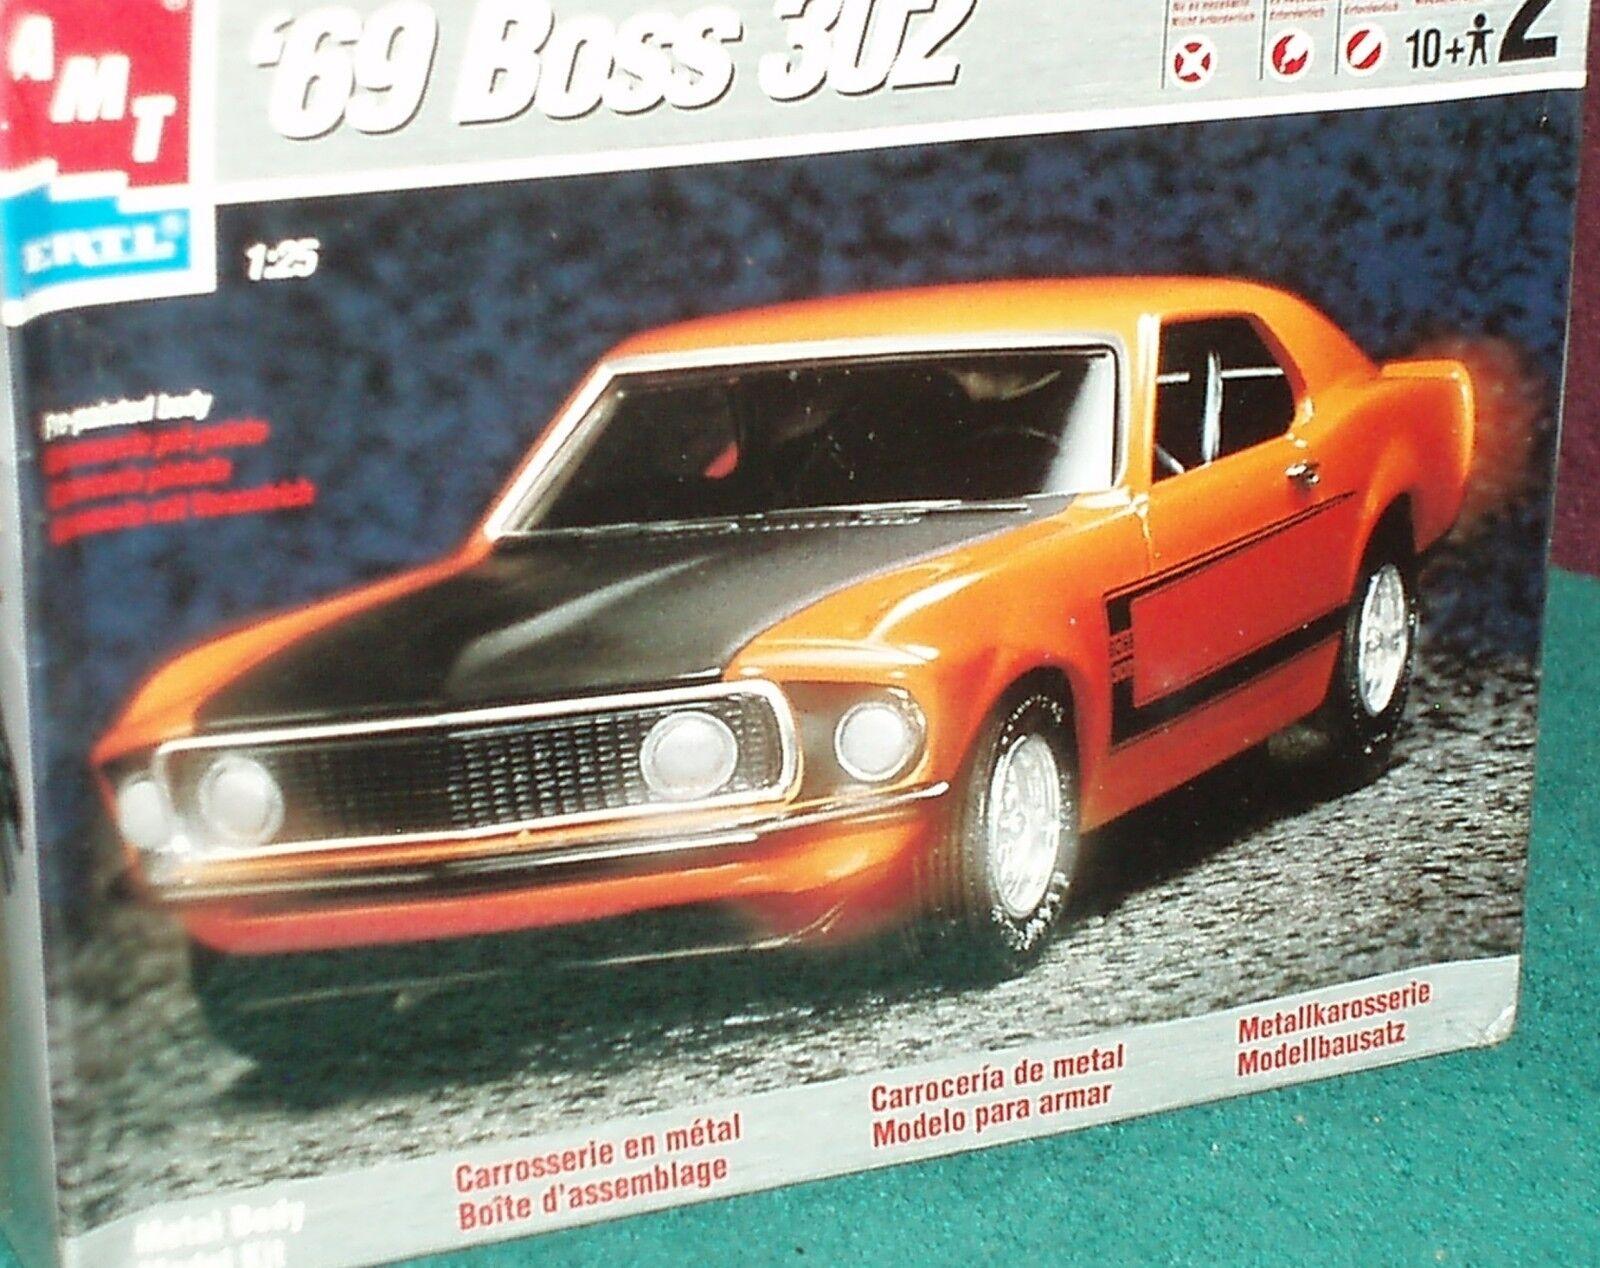 barato en alta calidad Juguetes Modelo De De De Aluminio 1969 jefe 302 Ford Mustang Diecast Modelo Kit 1 25 nivel de habilidad 2  venta